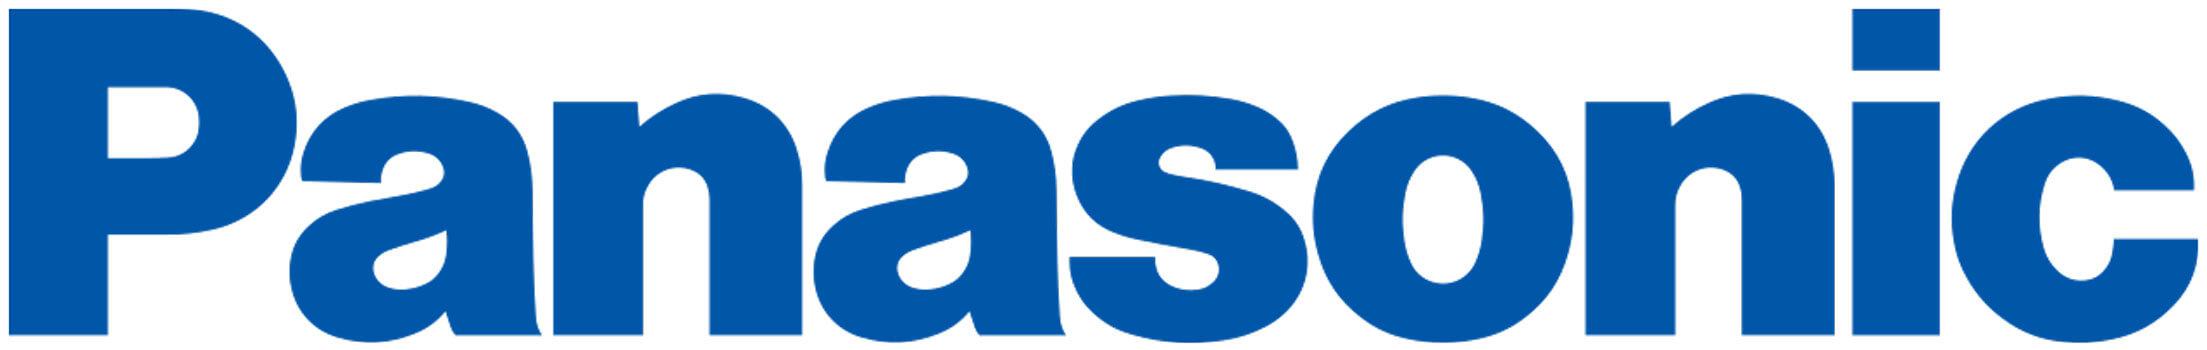 Panasonic Microwave Logo